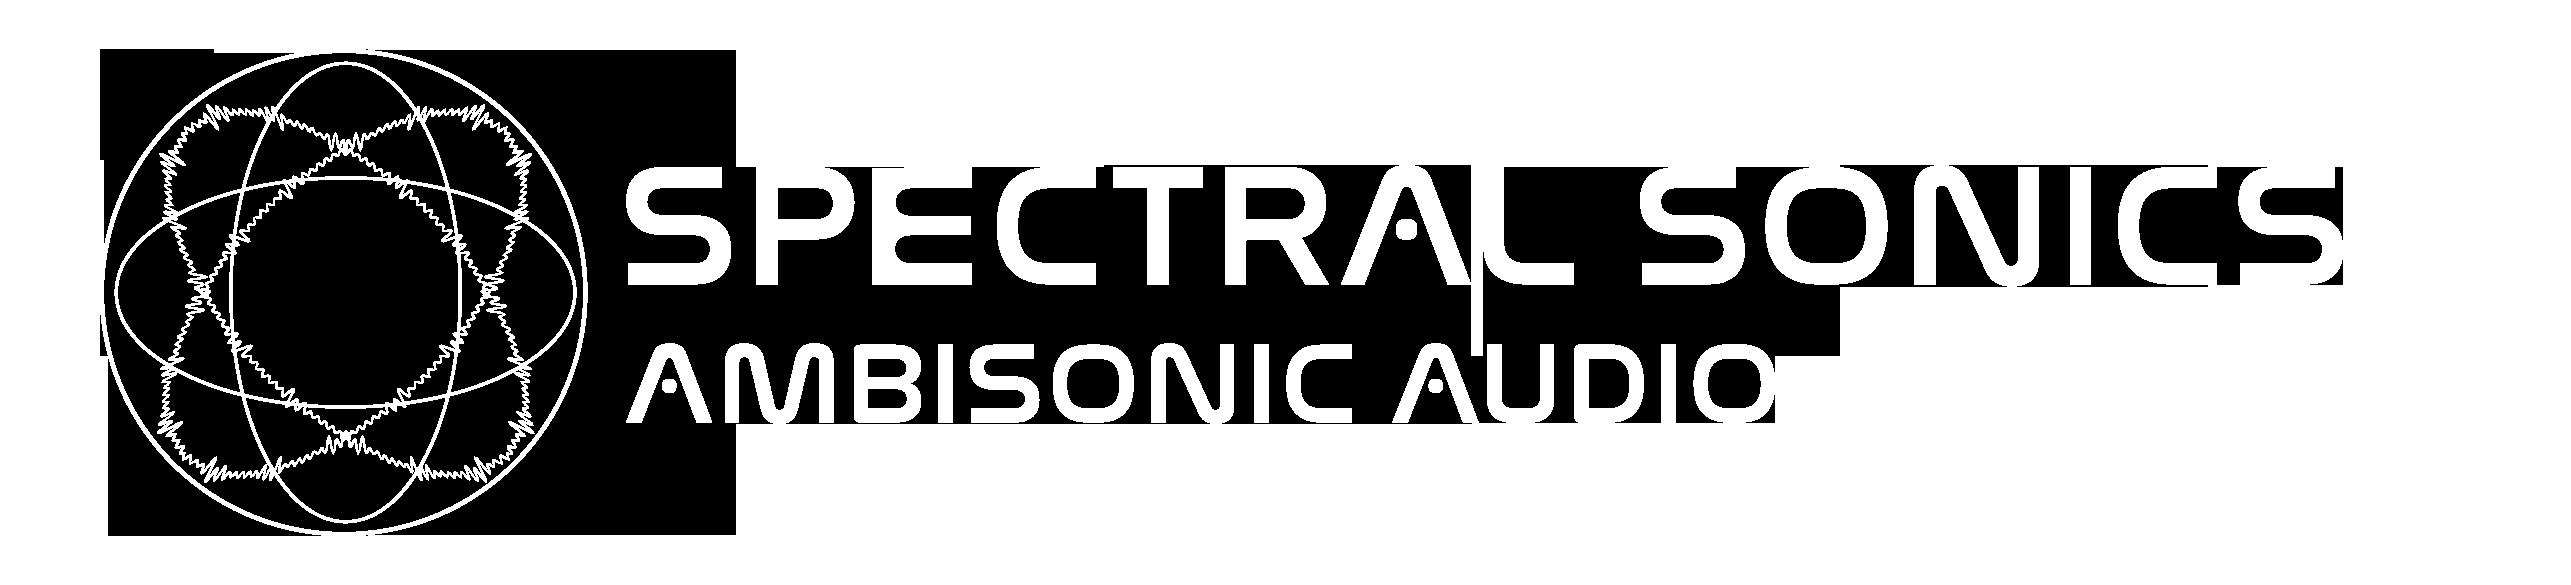 Spectral Sonics Ambisonic Audio